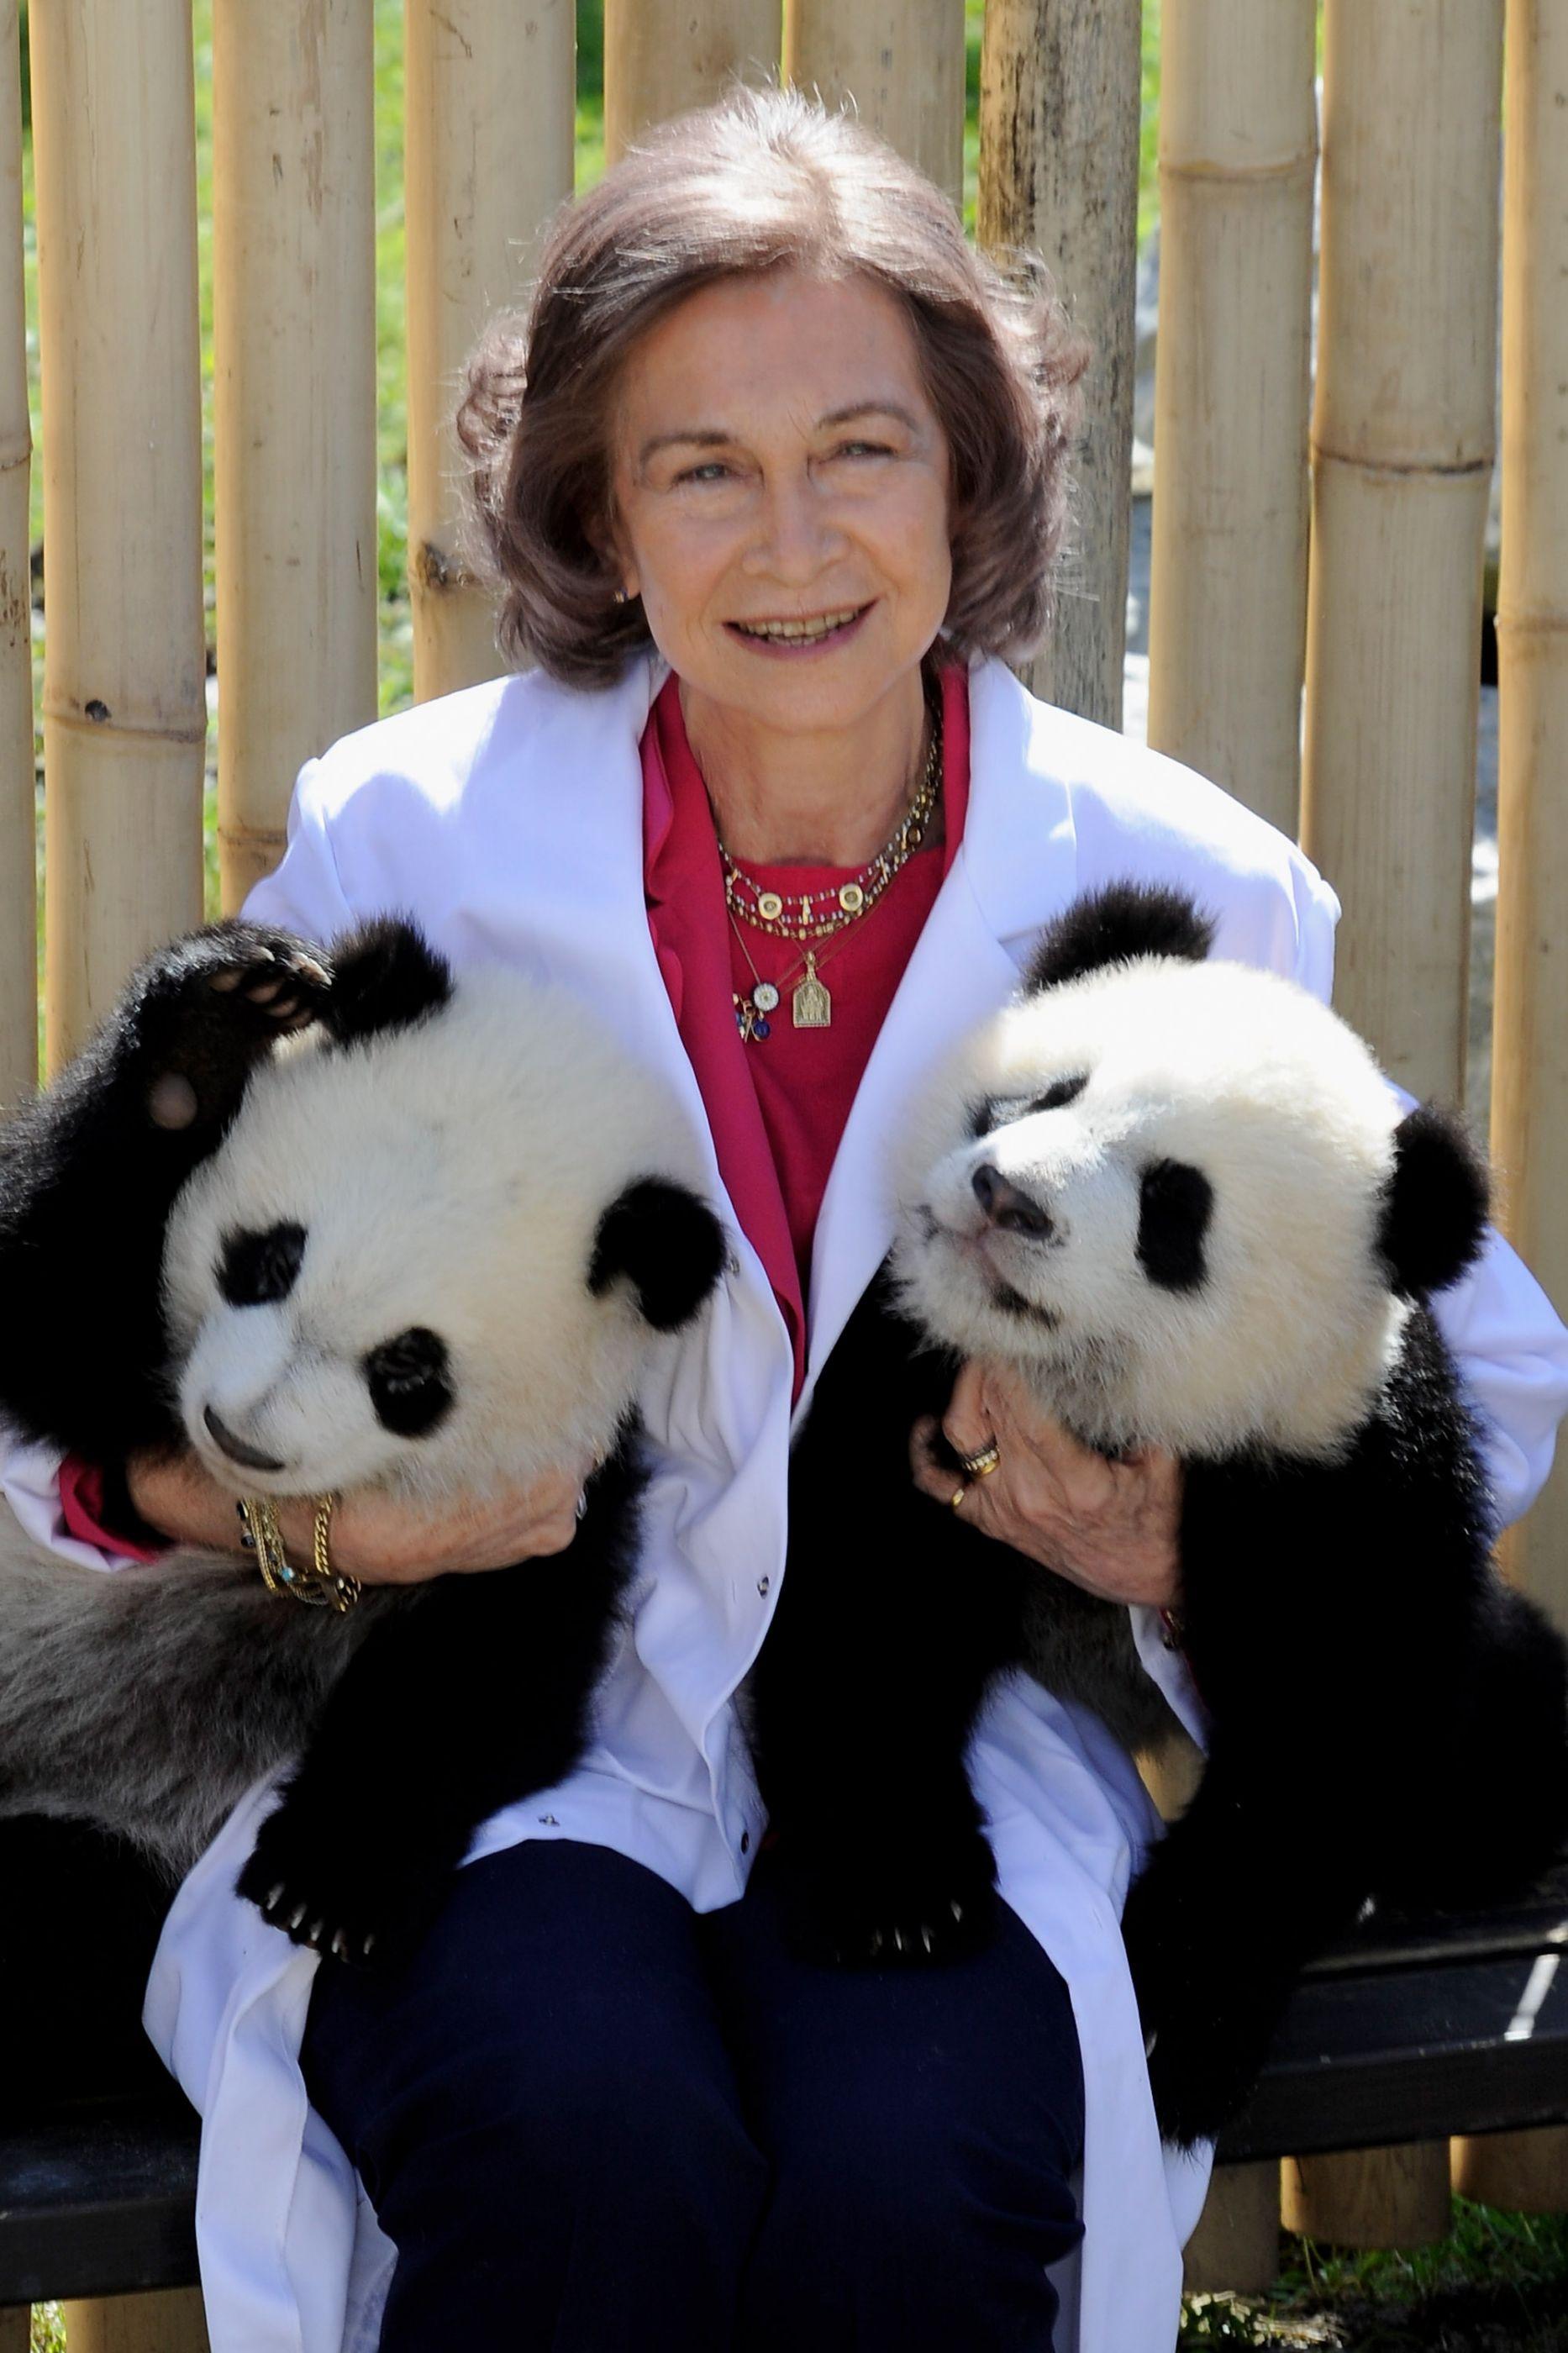 Sofia está de parabéns! Eterna rainha de Espanha faz 80 anos